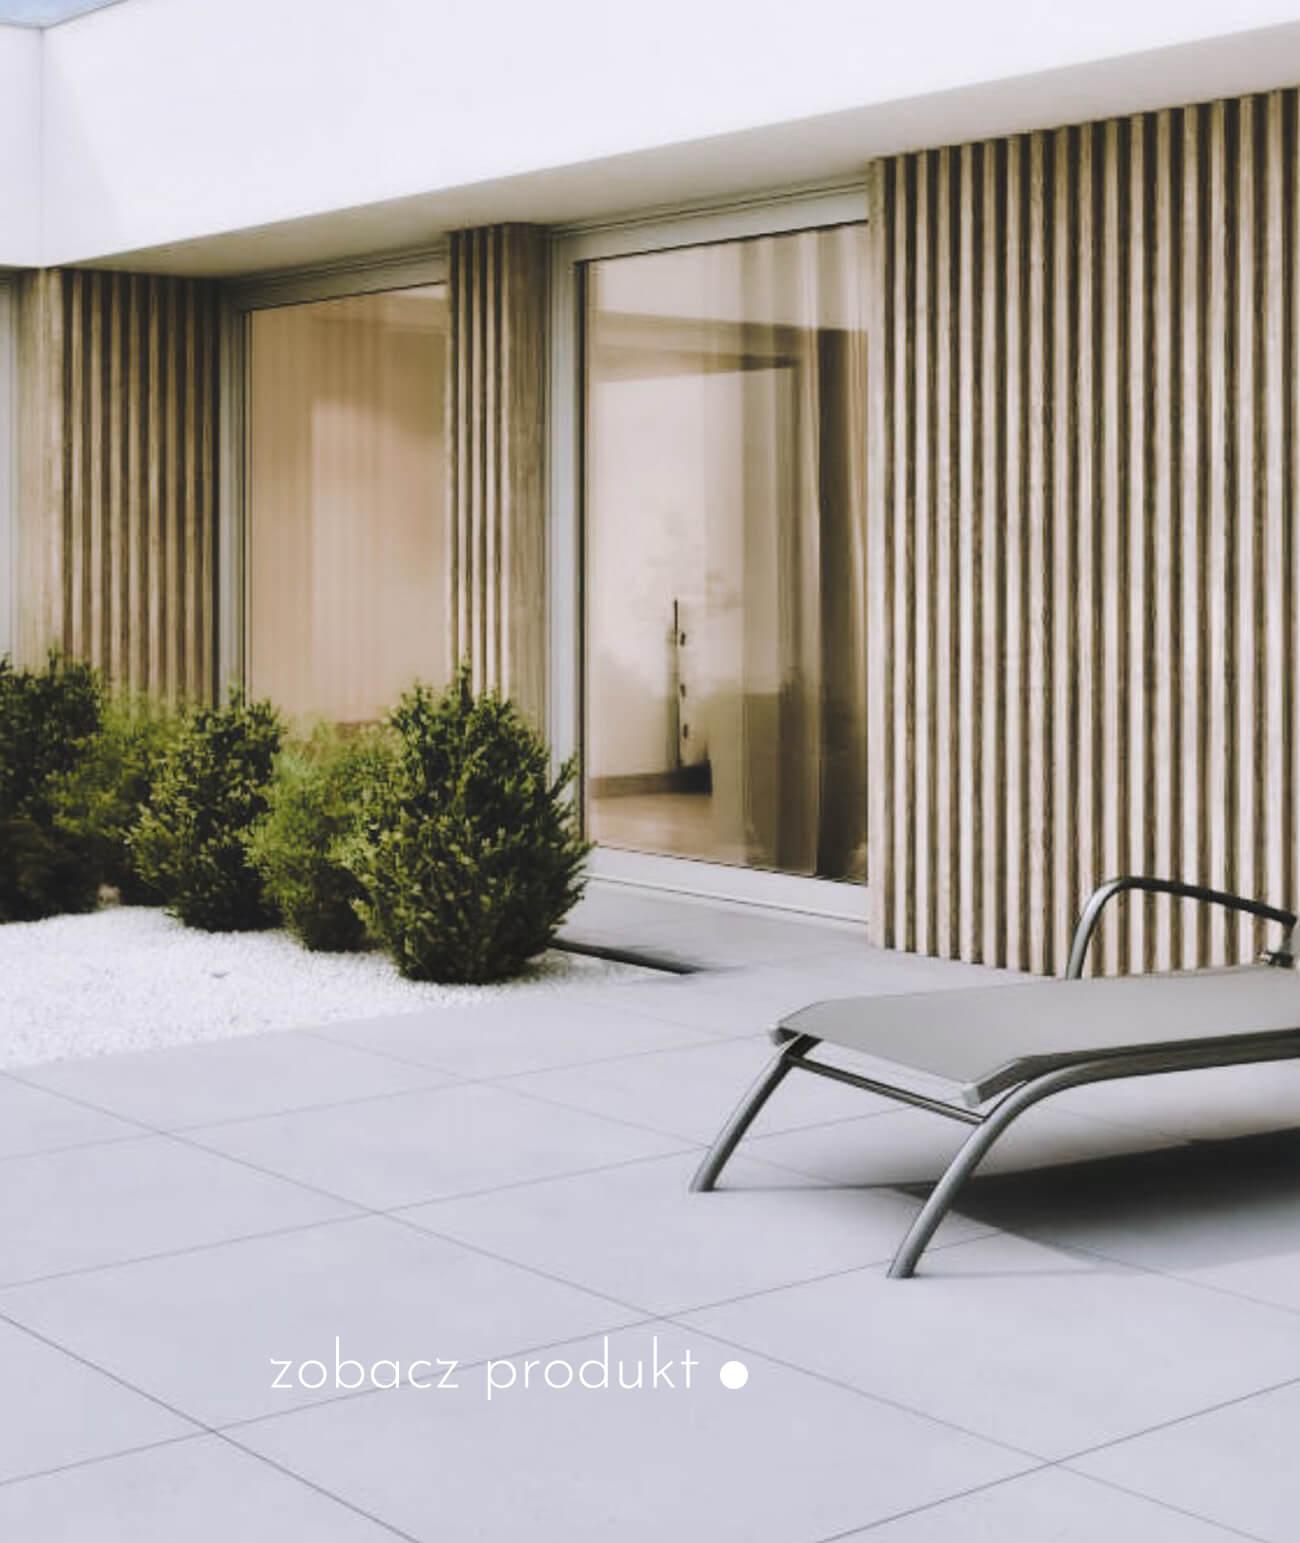 betonowe-plyty-podlogowe-i-tarasowe-beton-architektoniczny_1034-22840-b1-siwo-bialy---betonowa-plyta-podlogowa-i-tarasowa-beton-architektoniczny